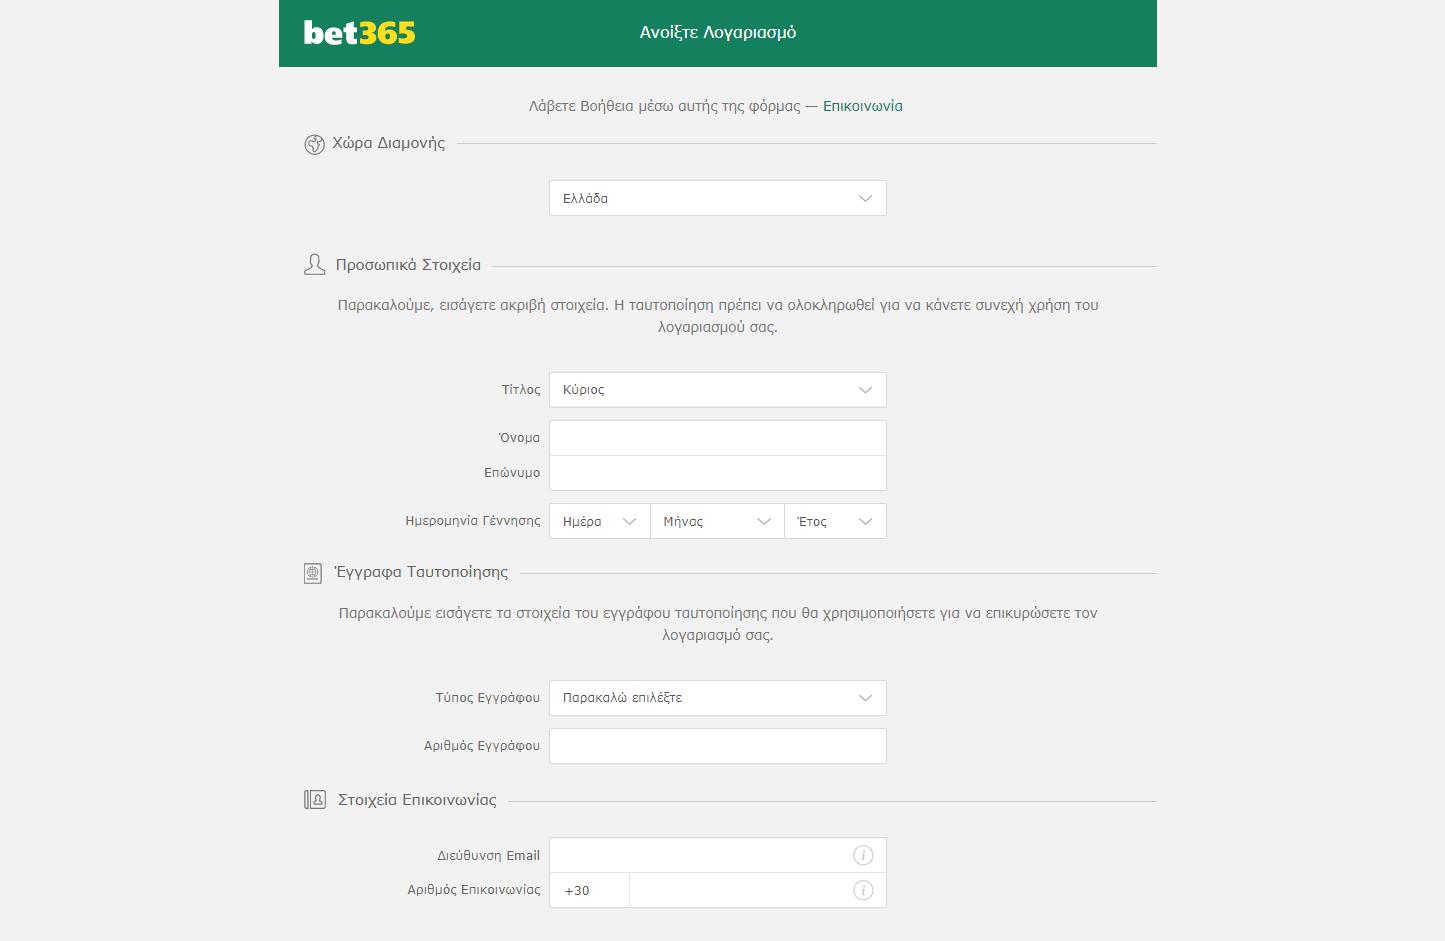 Εγγραφή στη bet365.gr